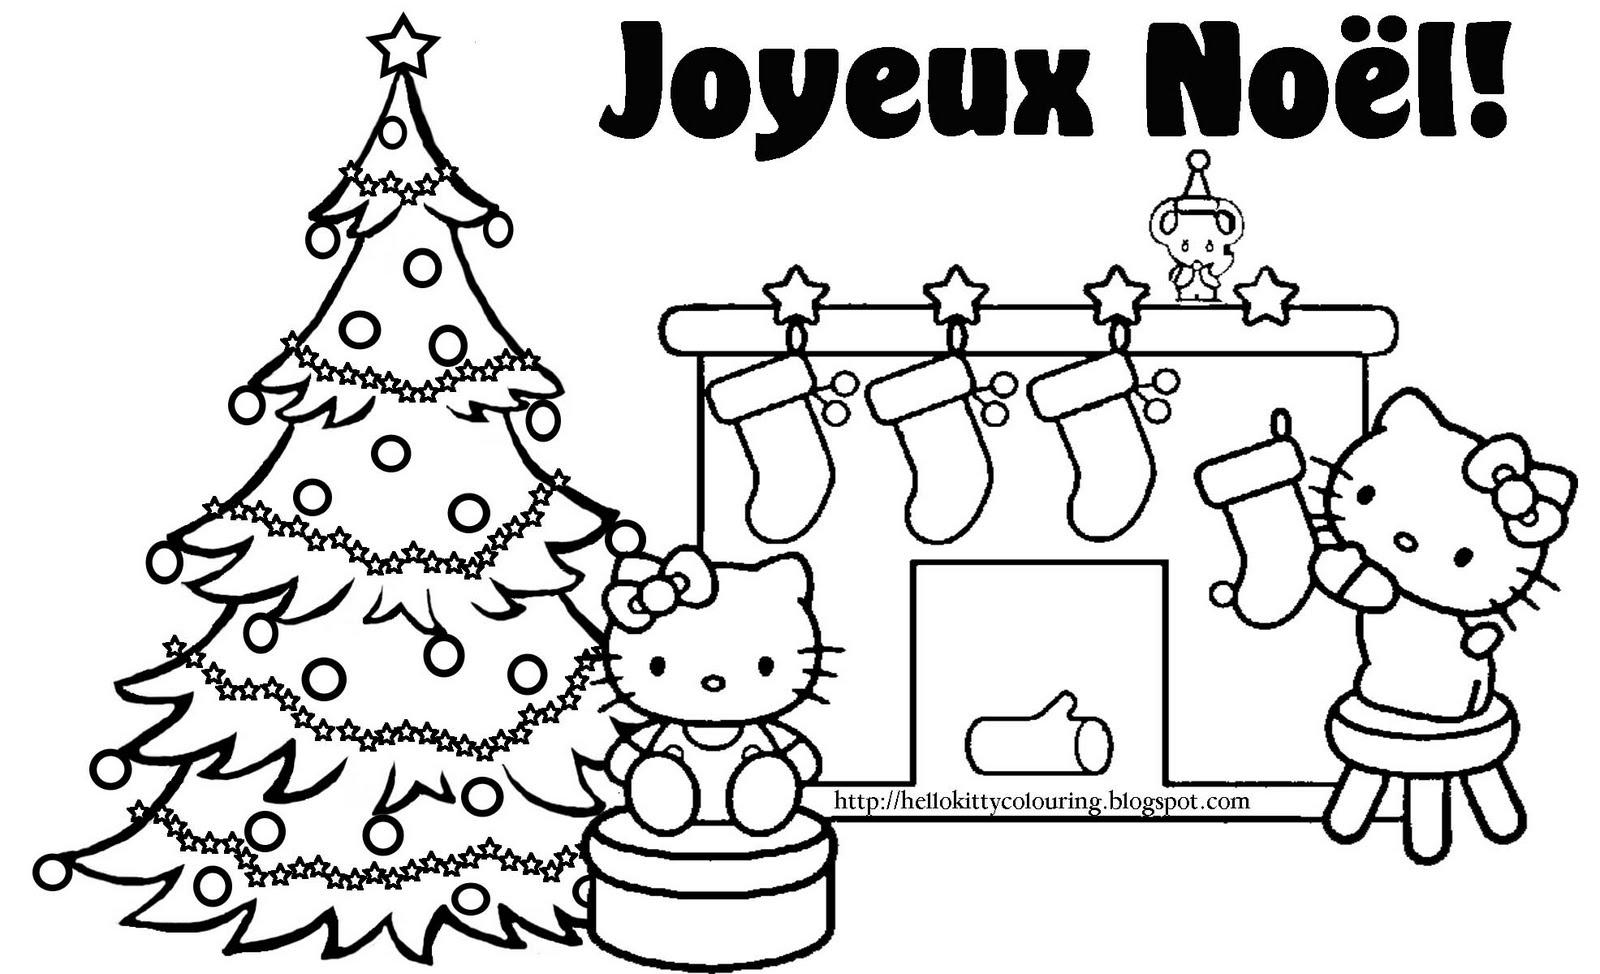 Meilleur De Coloriage De Sucre D Orge De Noel A Imprimer serapportantà Dessin A Imprimer Hello Kitty